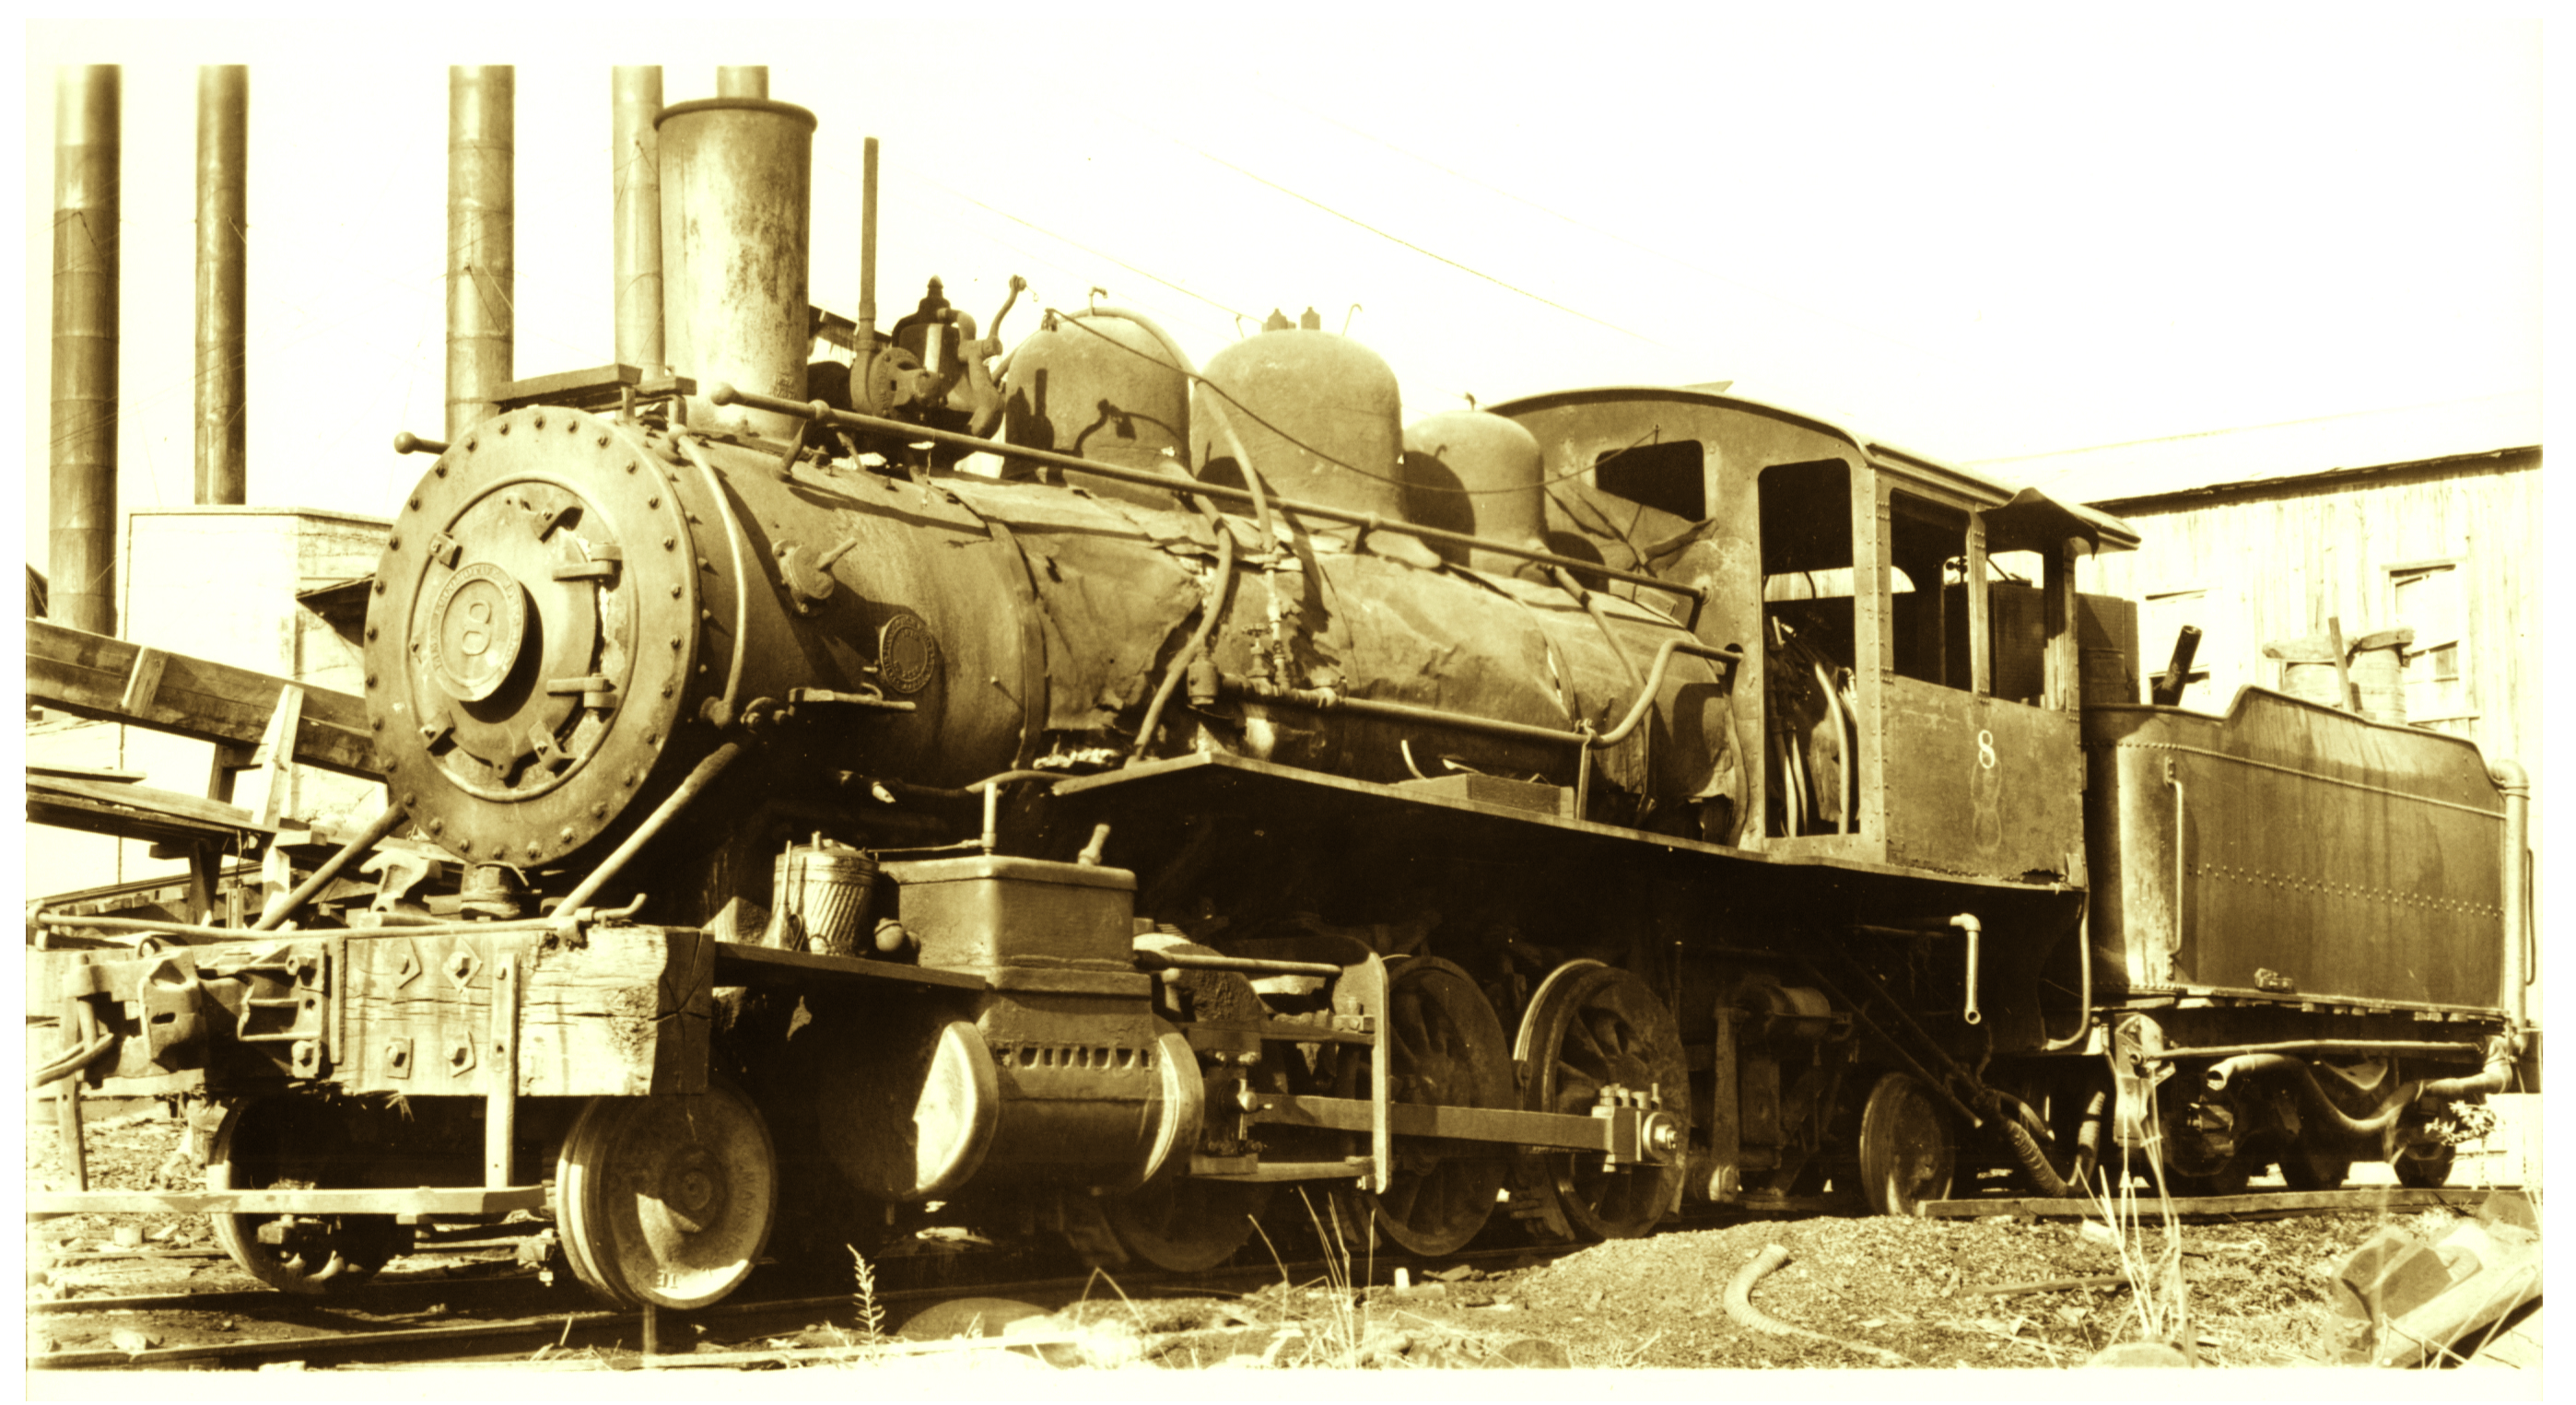 Locomotive No. 8 (1941)